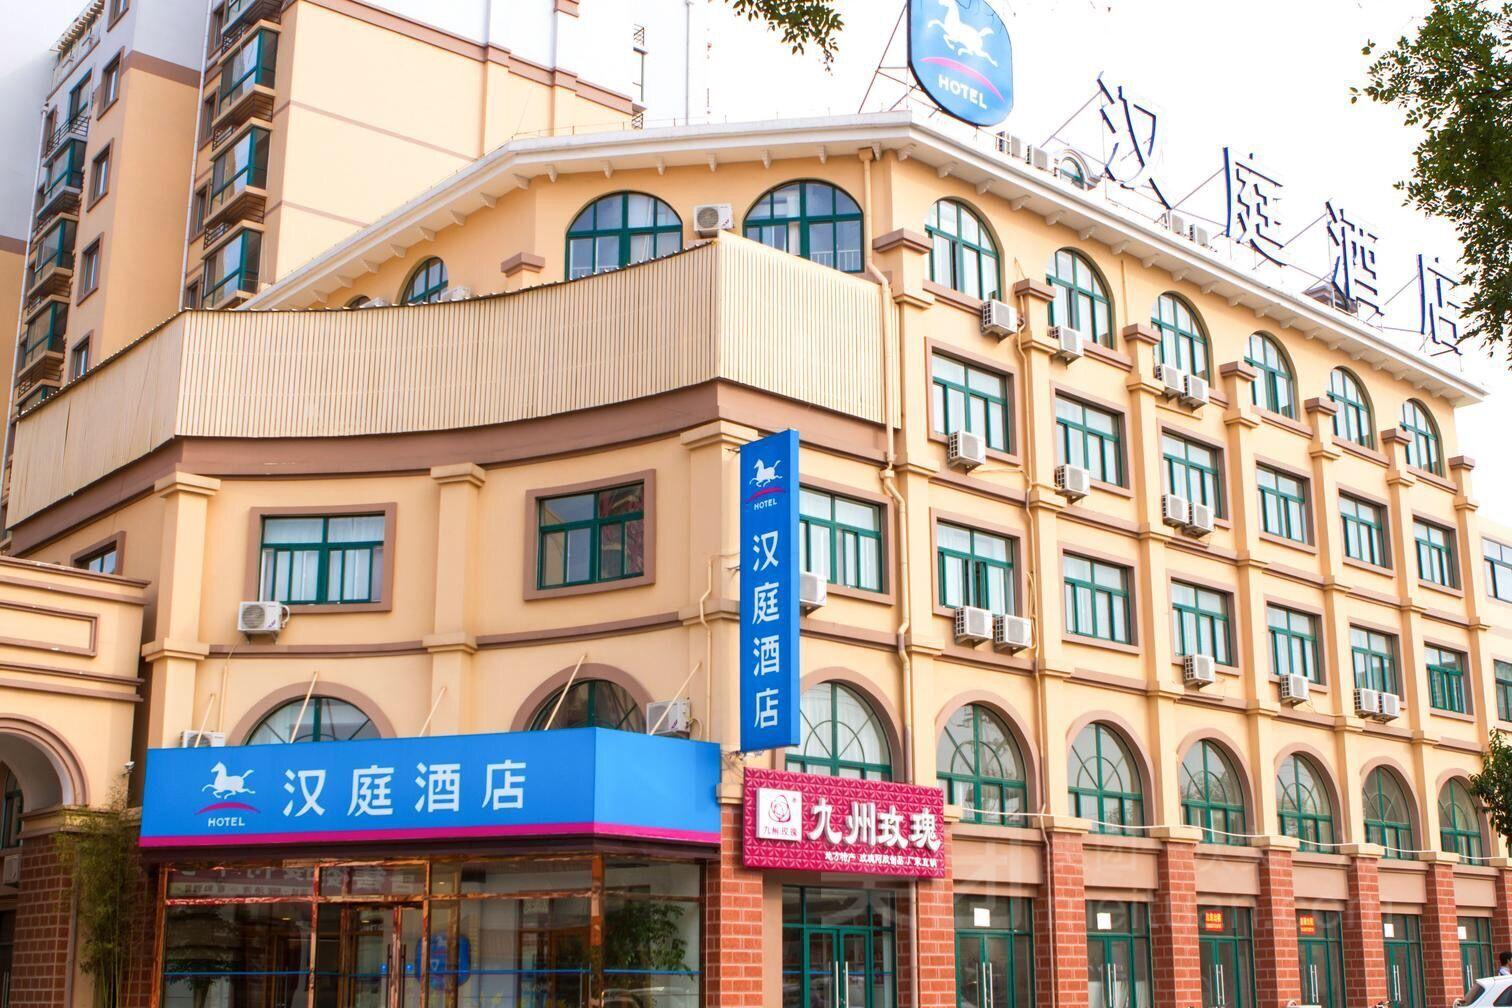 【郑州汉庭酒店团购】汉庭酒店特价大床房入住